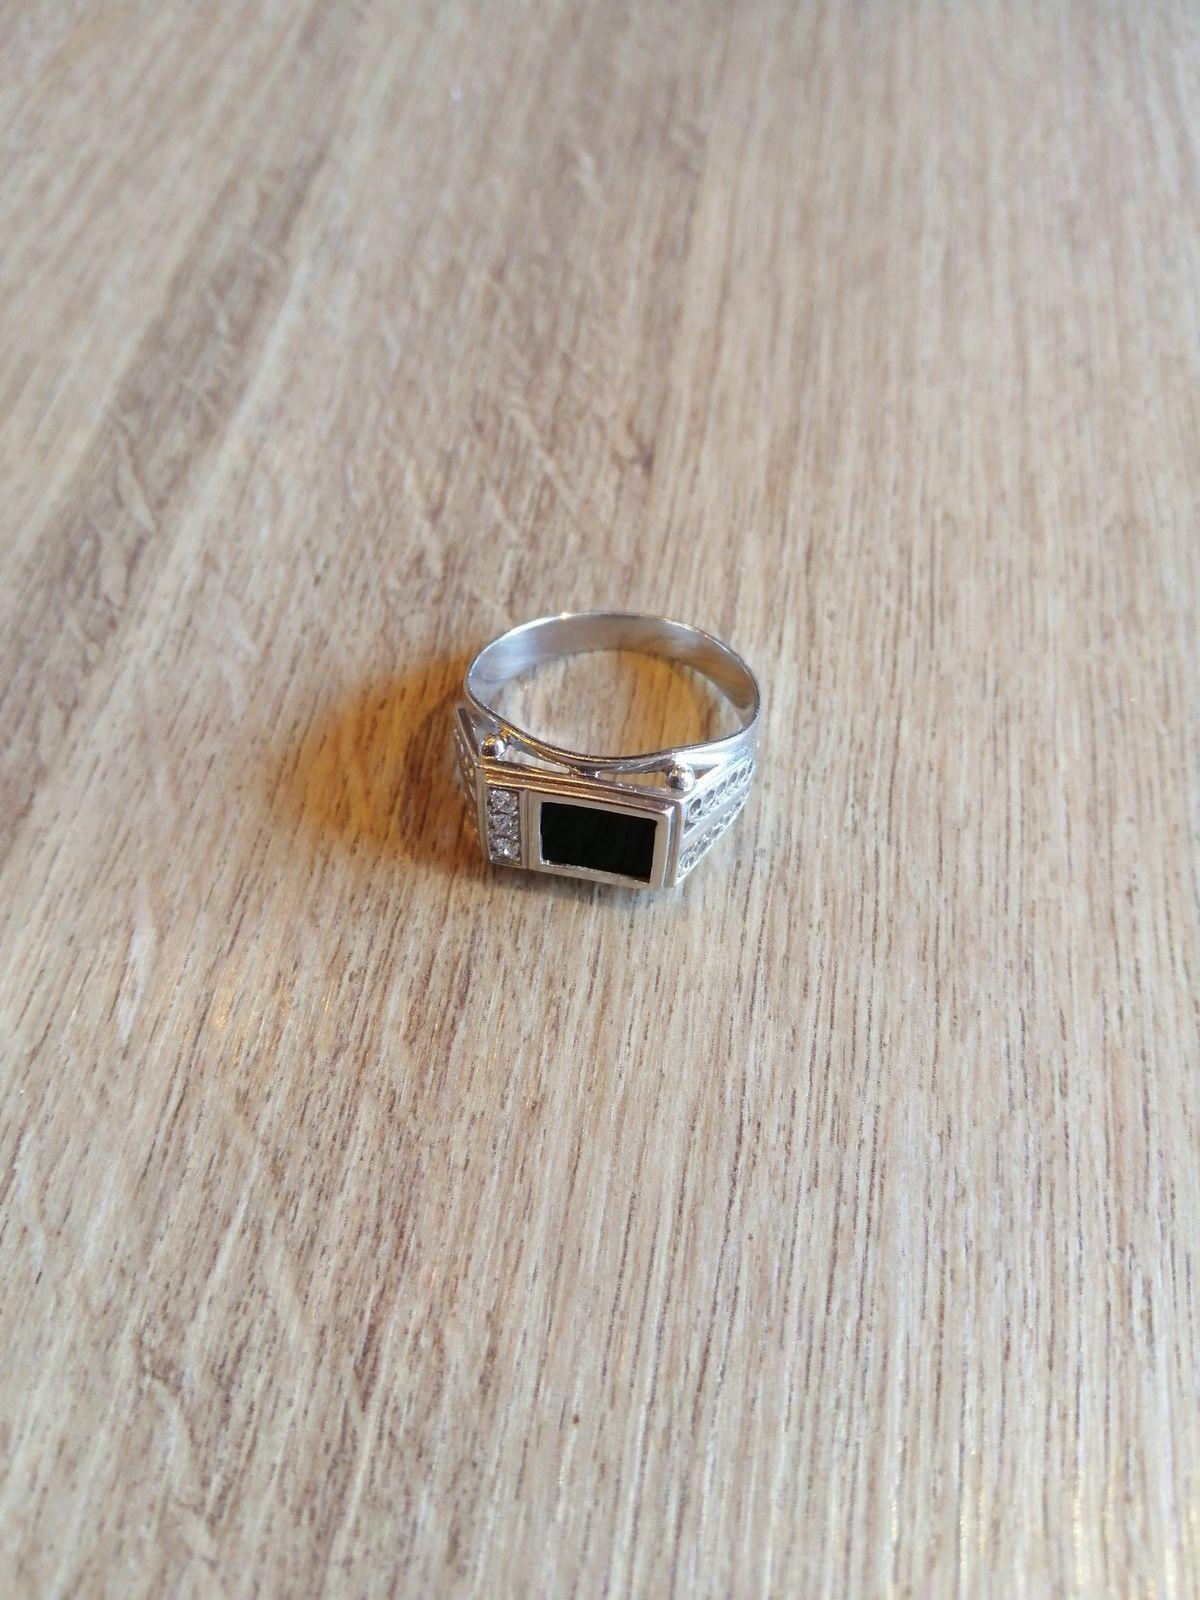 Хорошее кольцо по доступной цене.